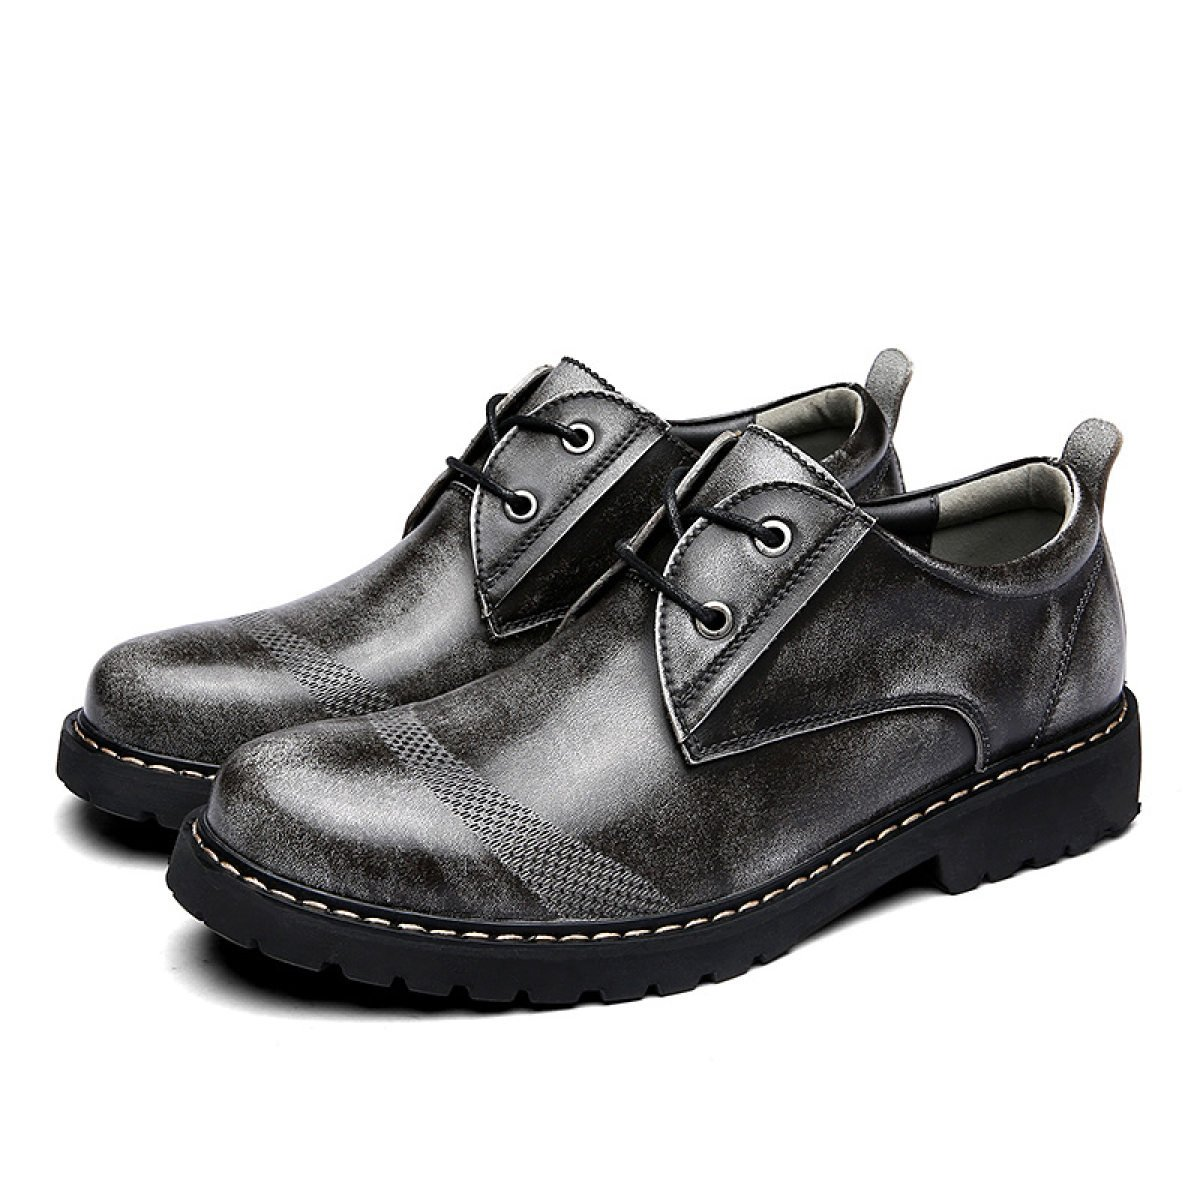 Herrenschuhe Verschleißschutz Leder Atmungsaktiv Business Freizeitschuhe Verschleißschutz Herrenschuhe Spitze England Schuhe Herrenschuhe Gray 5d52b1